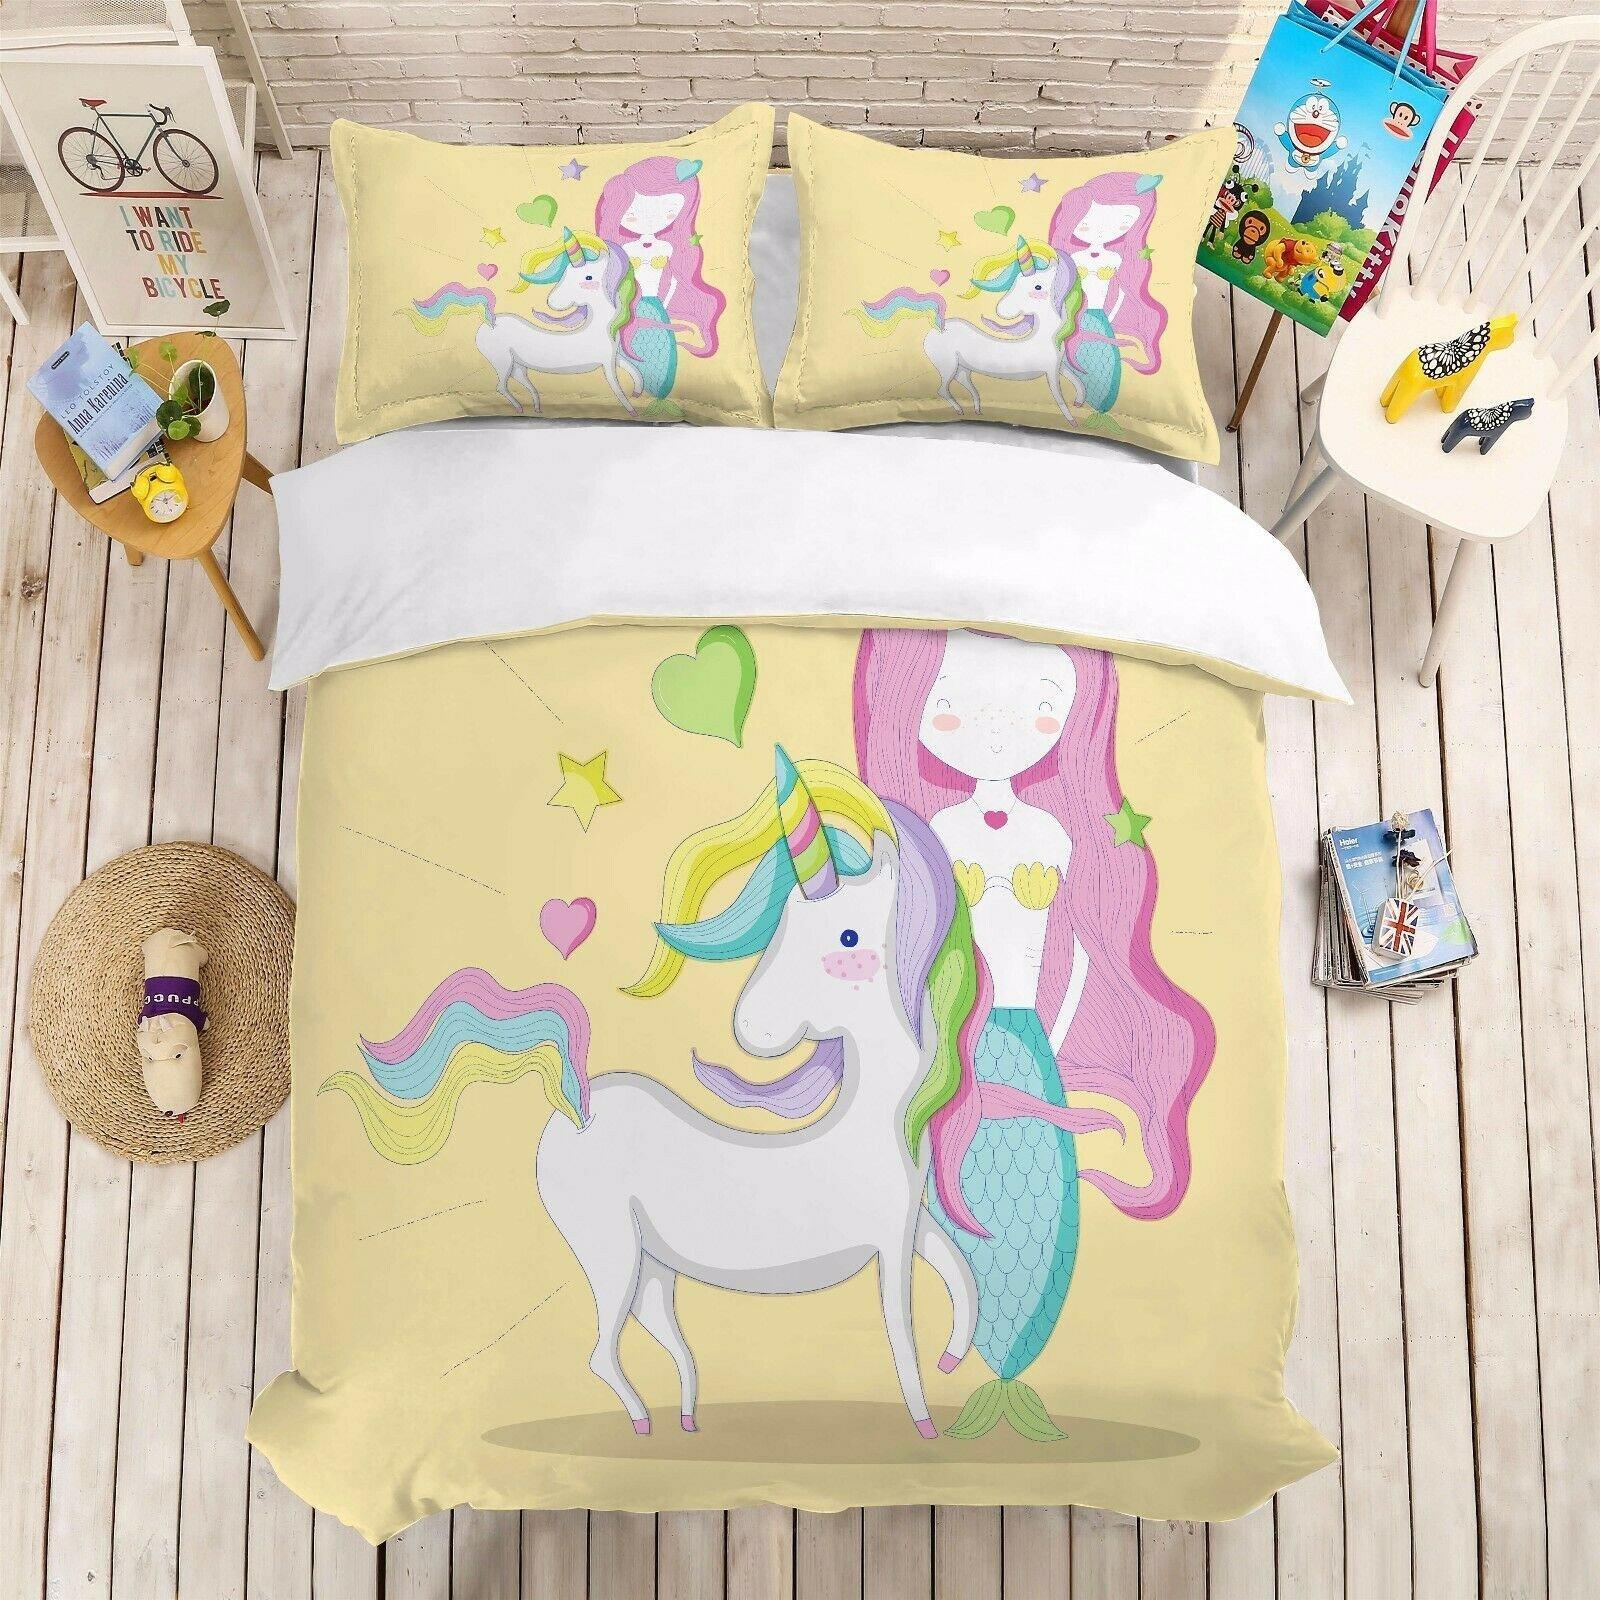 Little Mermaid Bedroom Set Elegant Cartoon Mermaid Unicorn Girl Bedding Set Duvet Cover